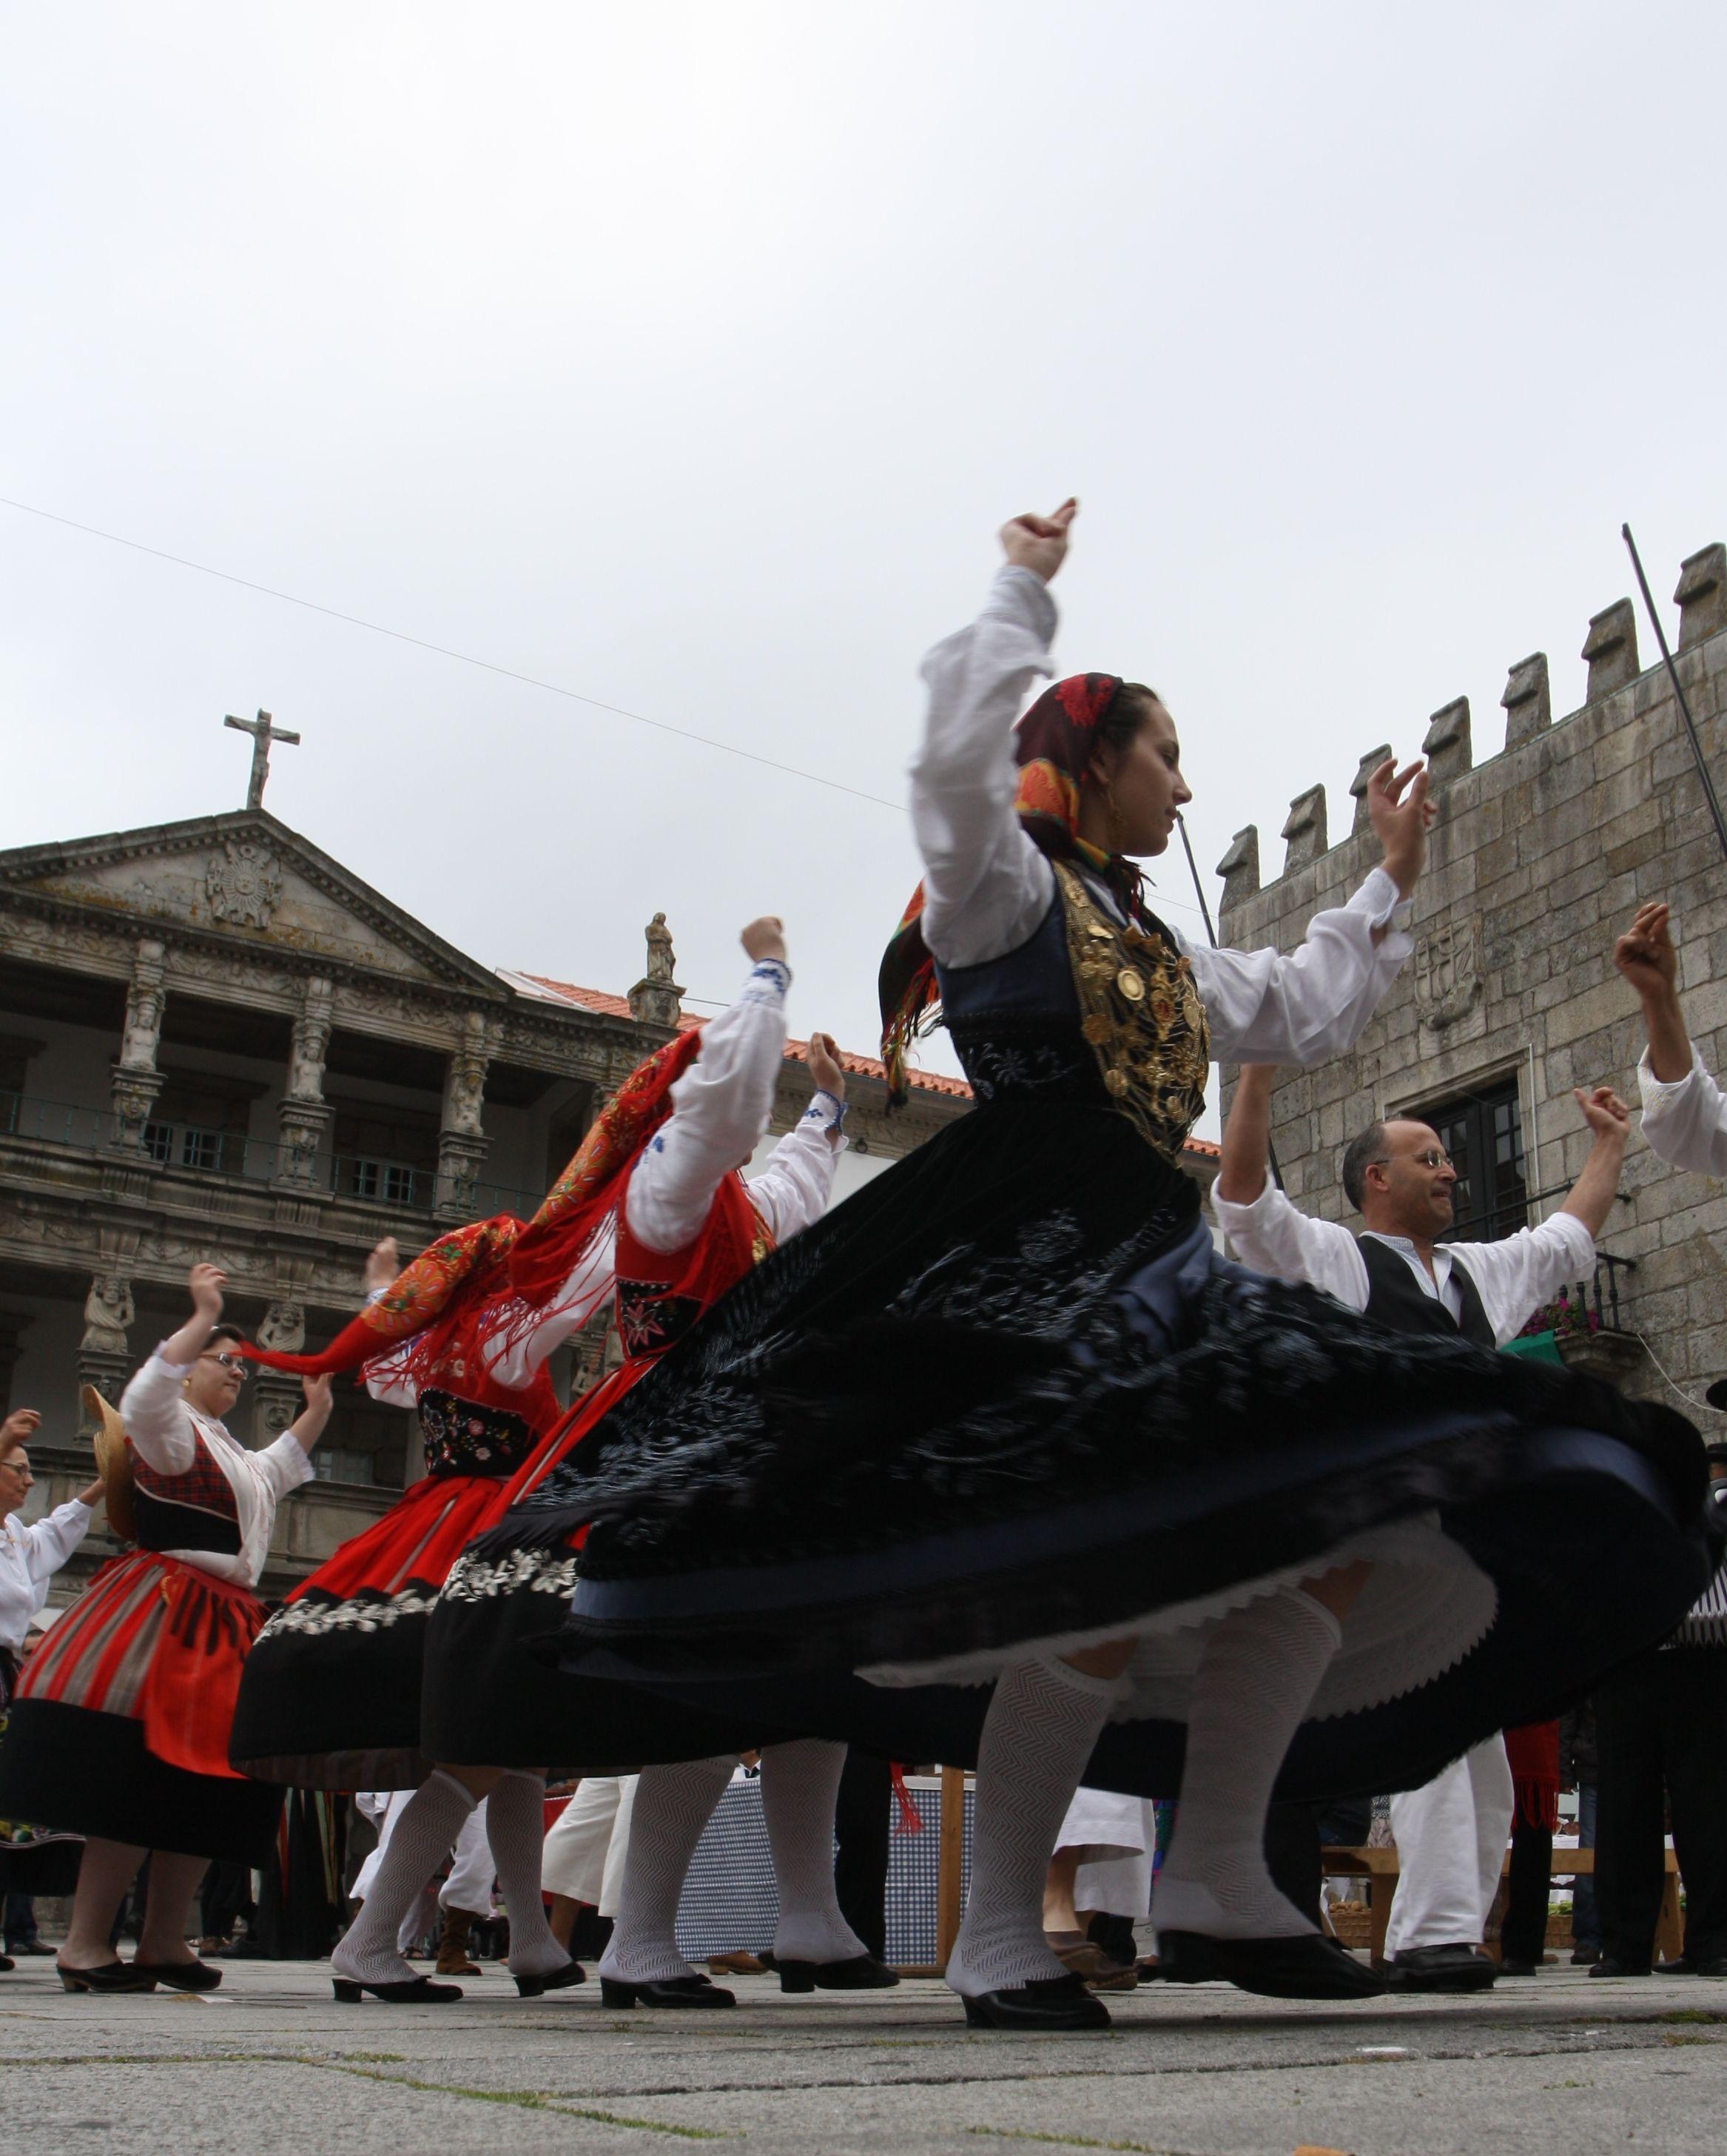 João Amorim  Minho, Folk Dance, Portugal     http://portugalmelhordestino.pt/fotos_concurso/405559fde96e8b8445938c8edc9029d1.jpg